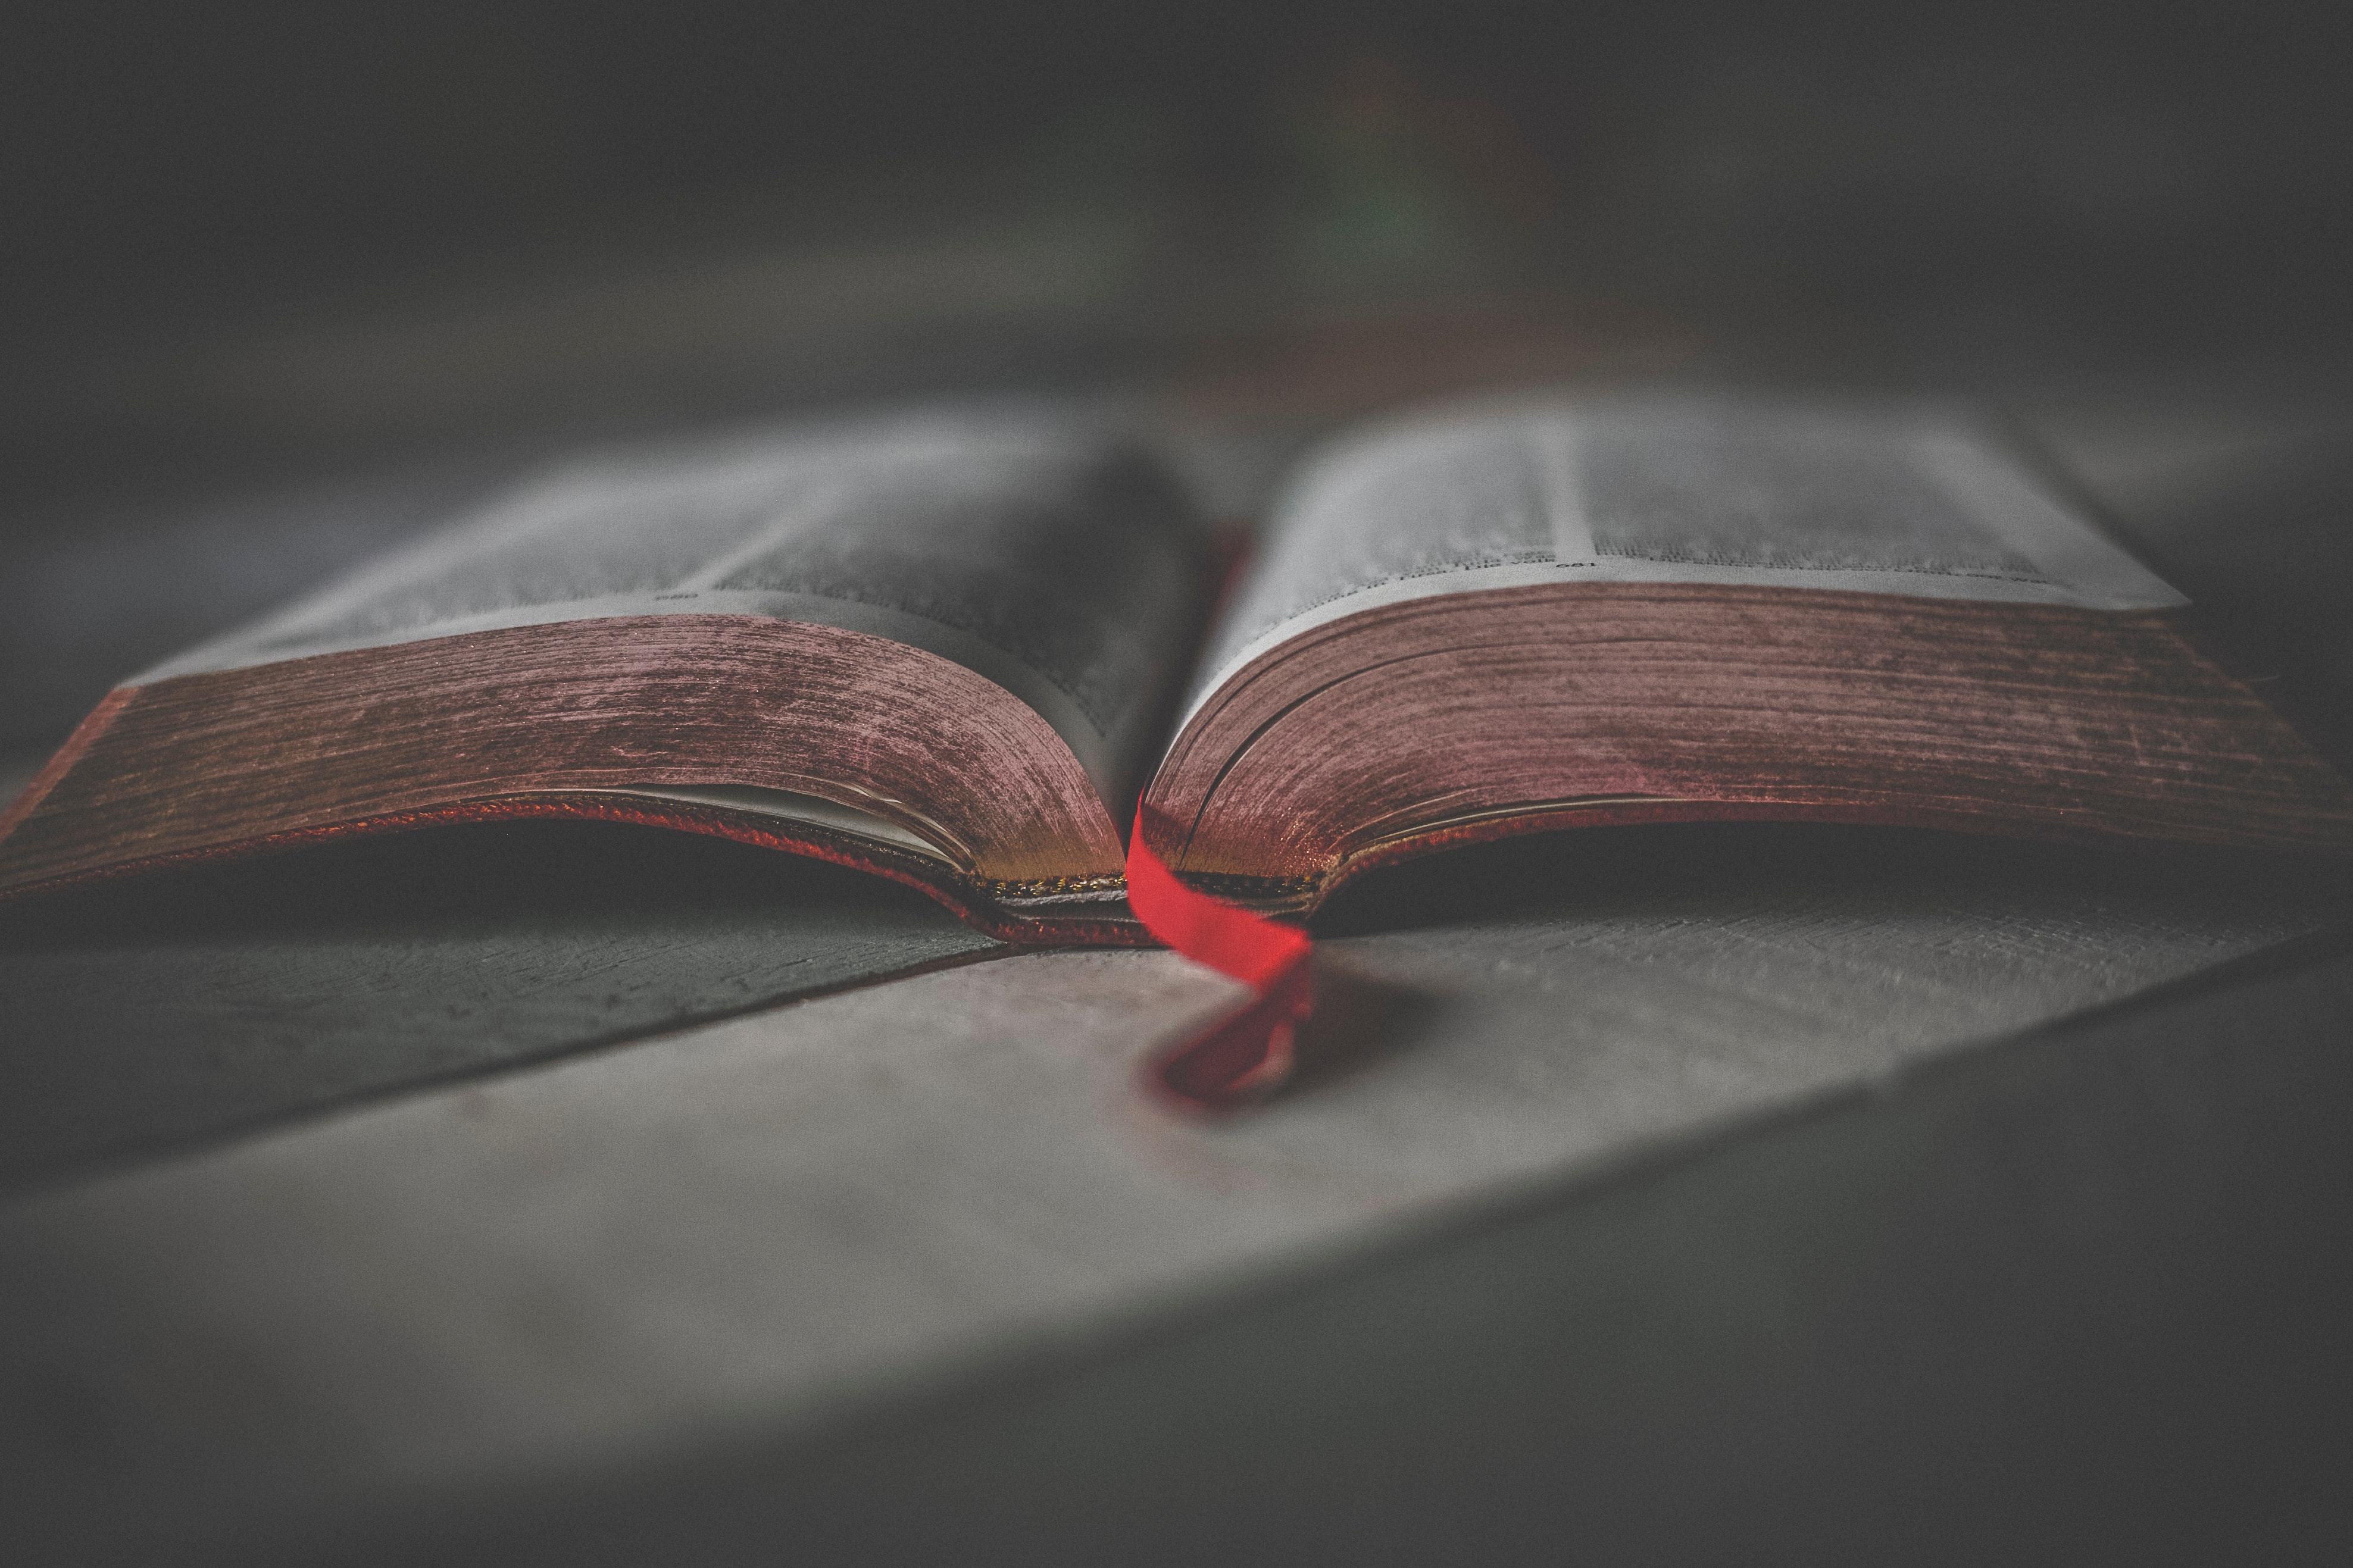 bible-biblia-book-1112048_1.jpg